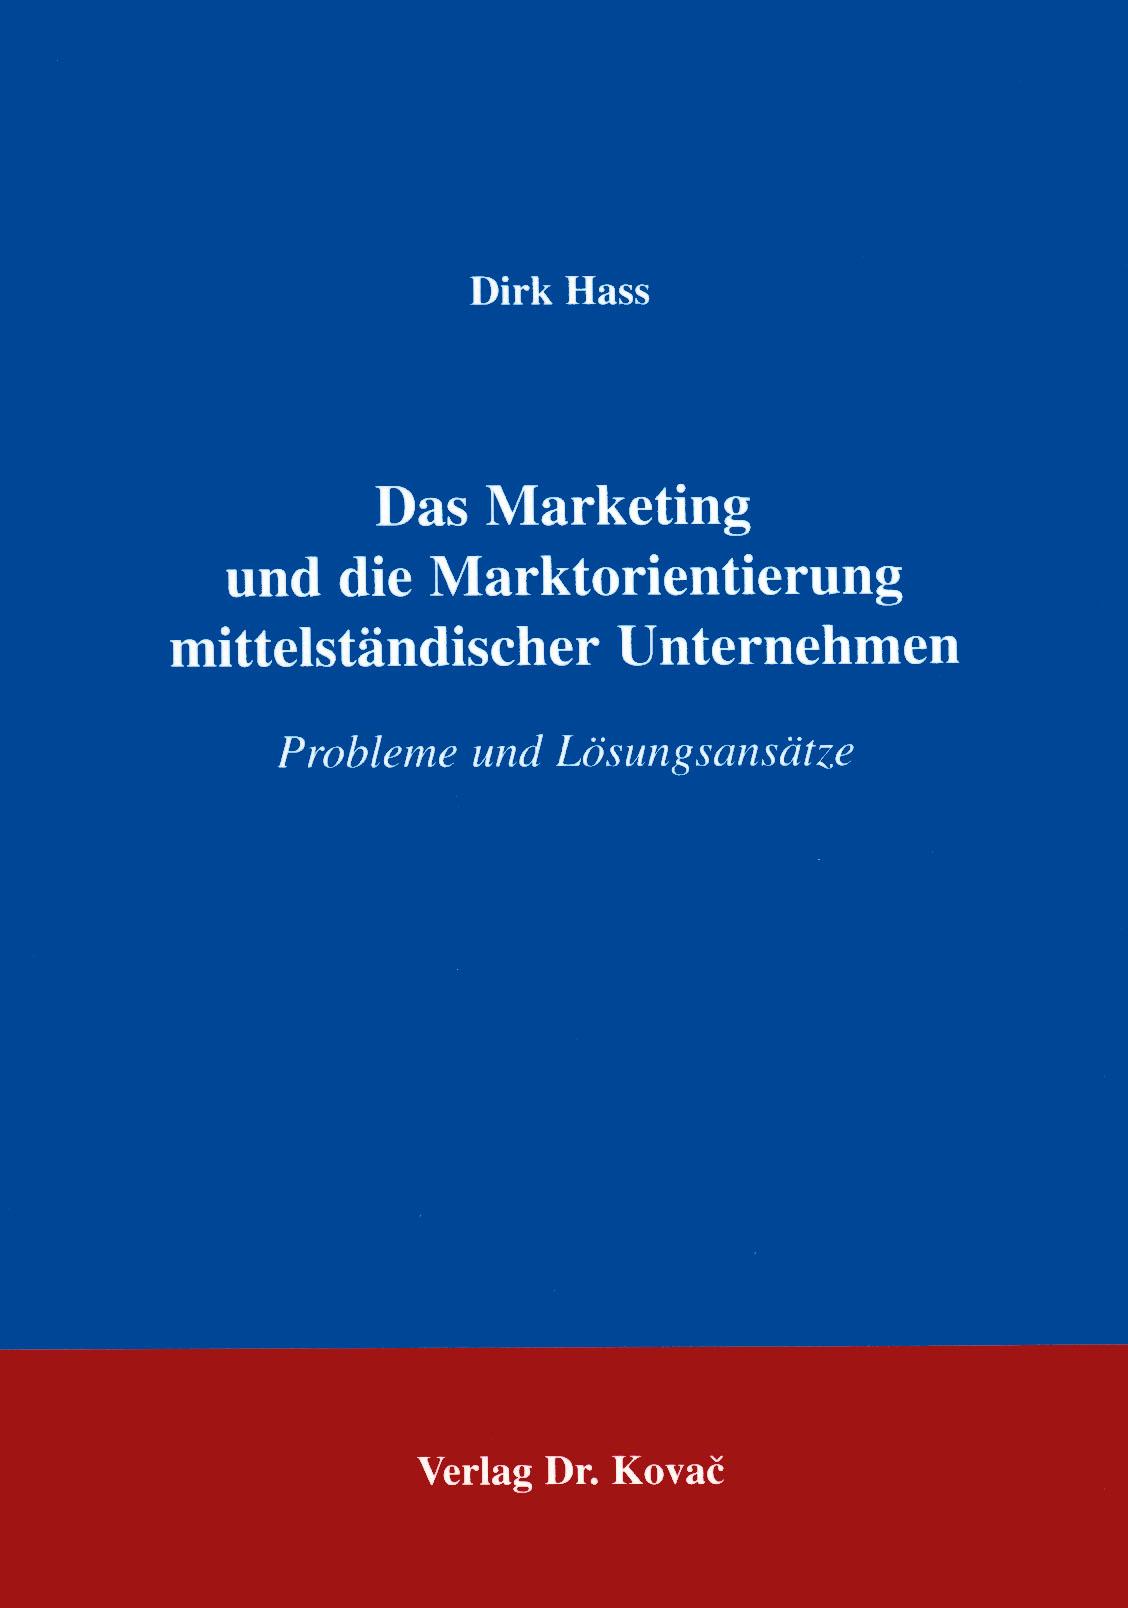 Cover: Das Marketing und die Marktorientierung mittelständischer Unternehmen